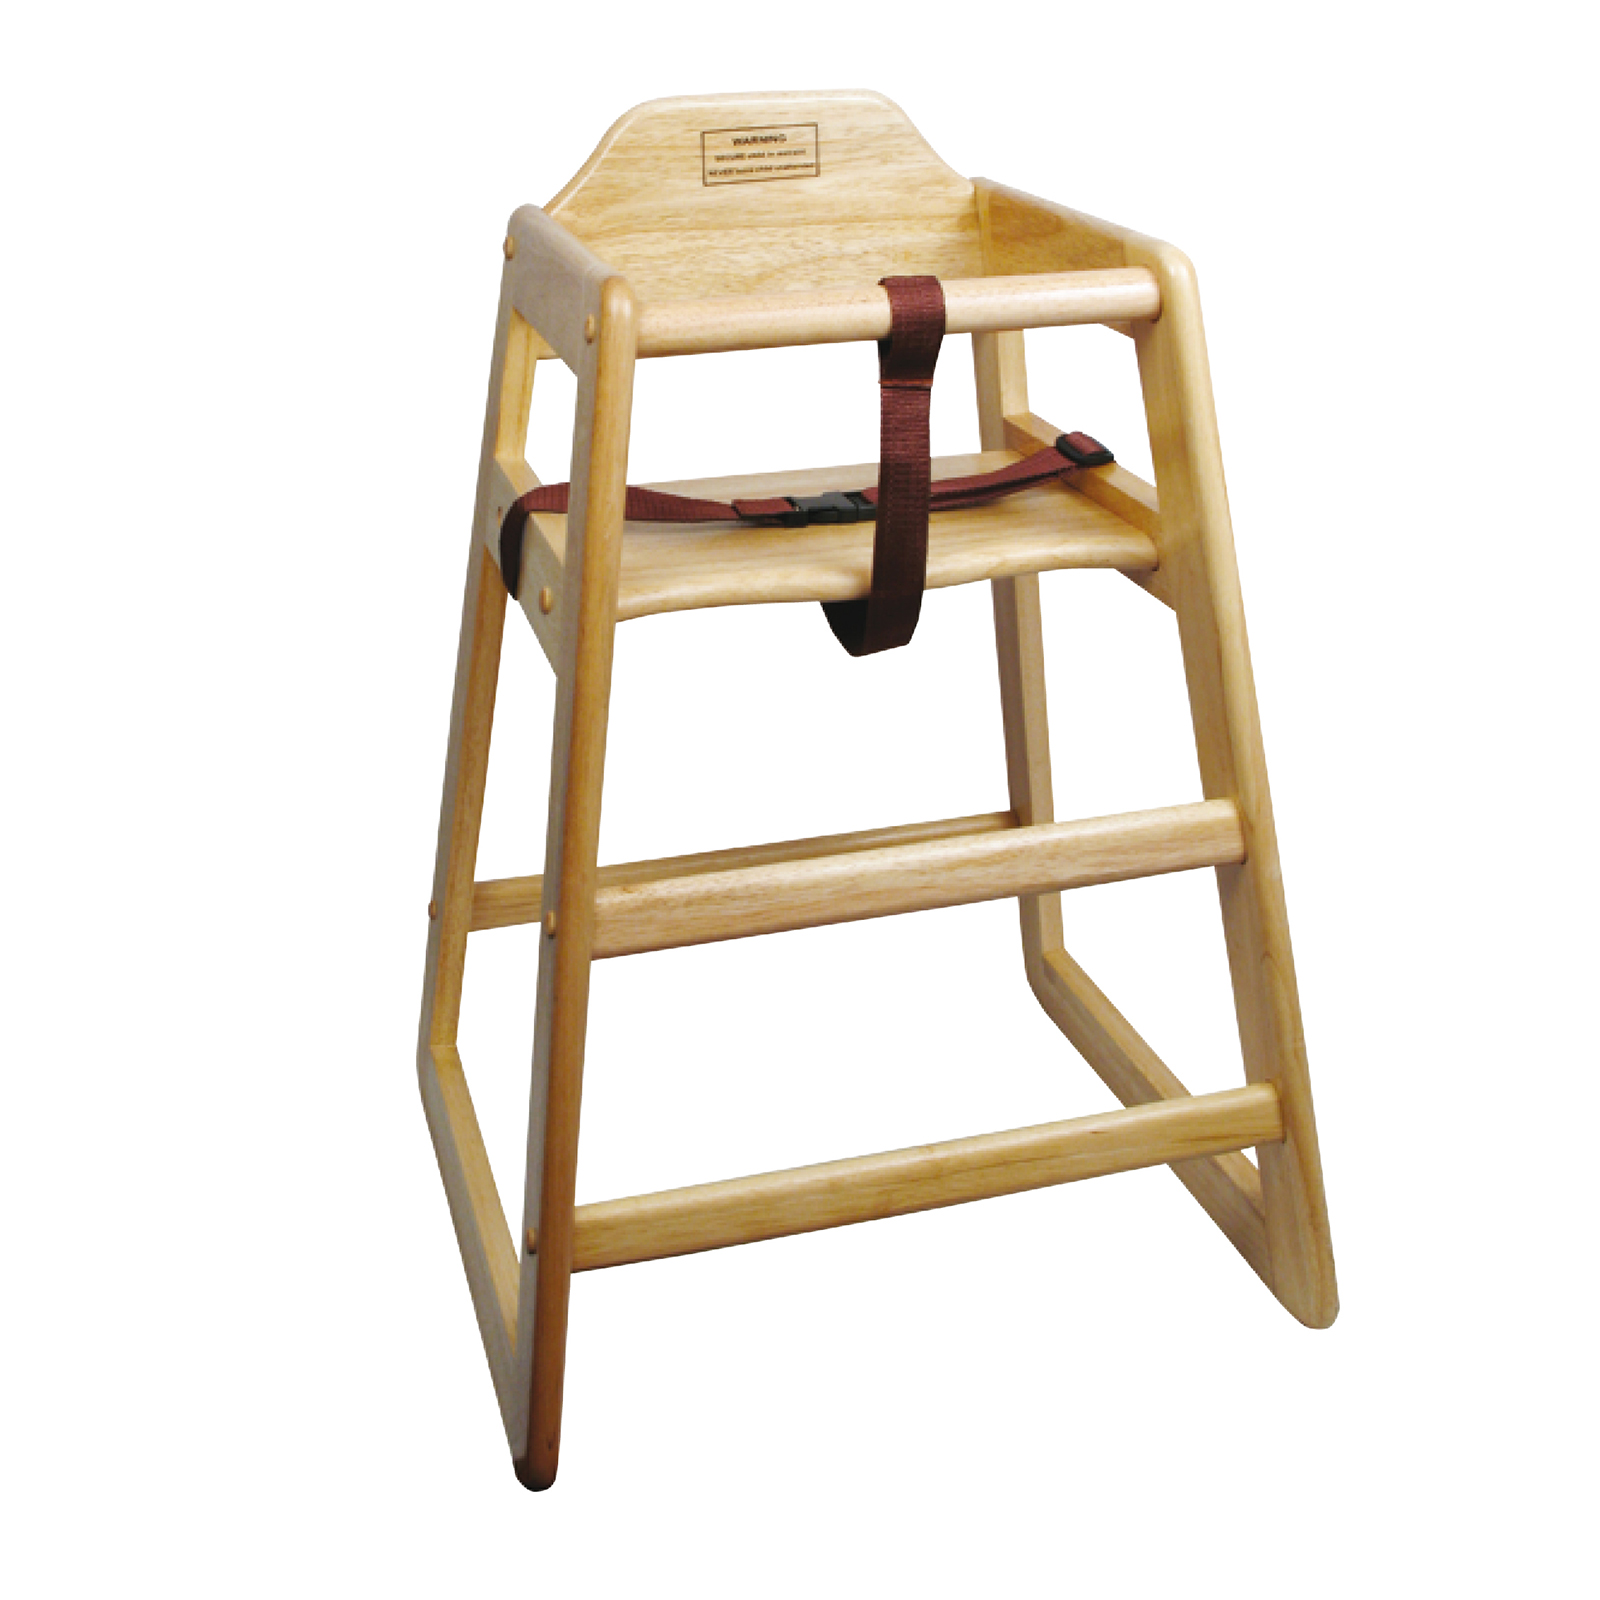 4850-7 Winco CHH-101 high chair, wood